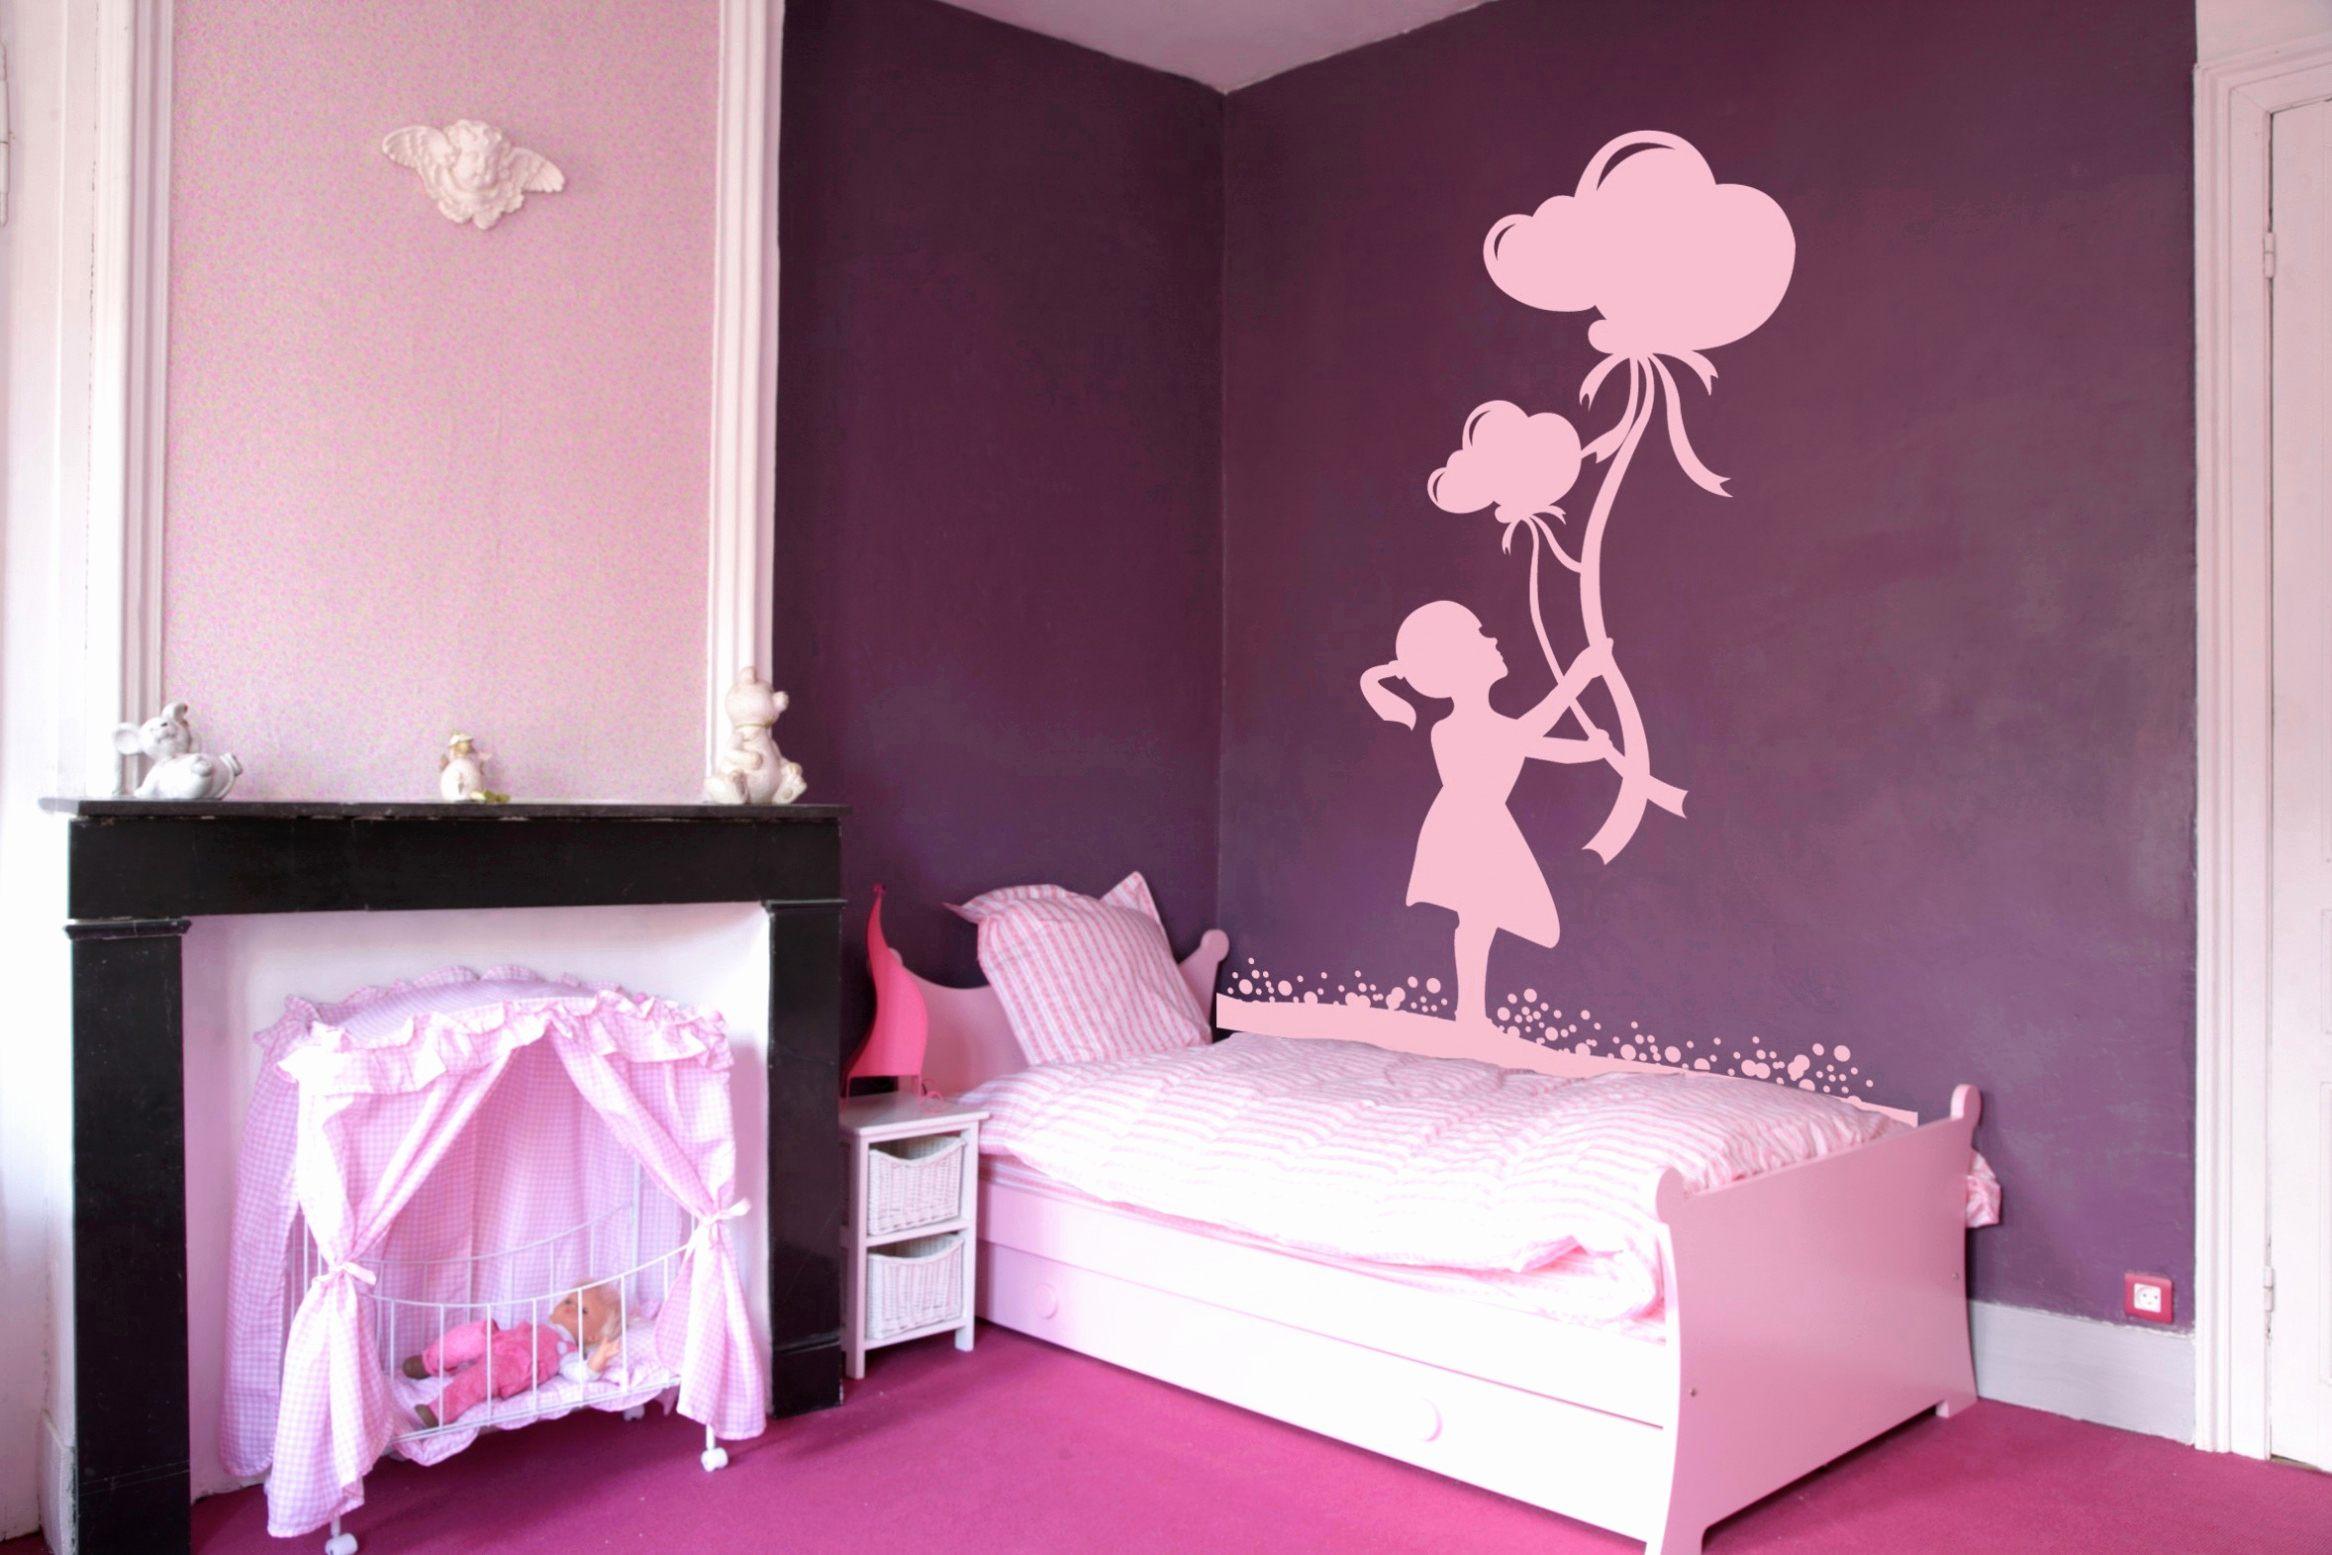 Parure De Lit Bébé Disney Élégant Rideau Chambre Bébé Fille Inspirant Chambre De Bébé Fille Parc B C3